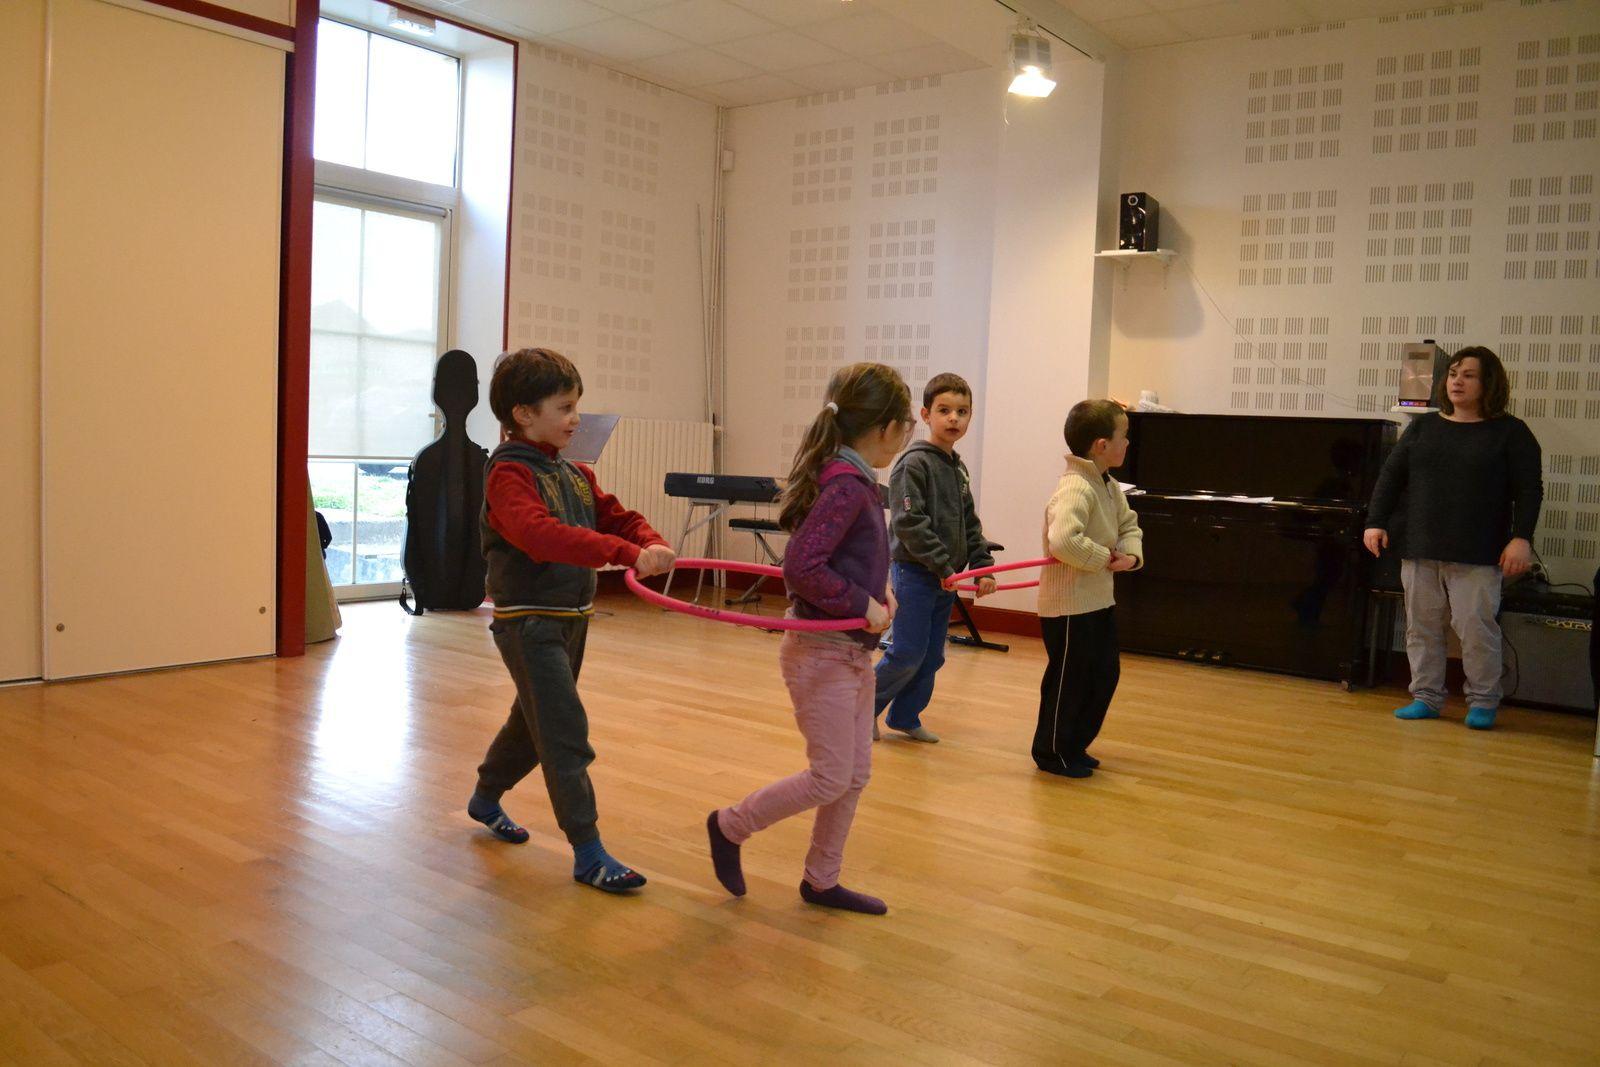 Les plus petits eux aussi dansent, et jouent ensembles !